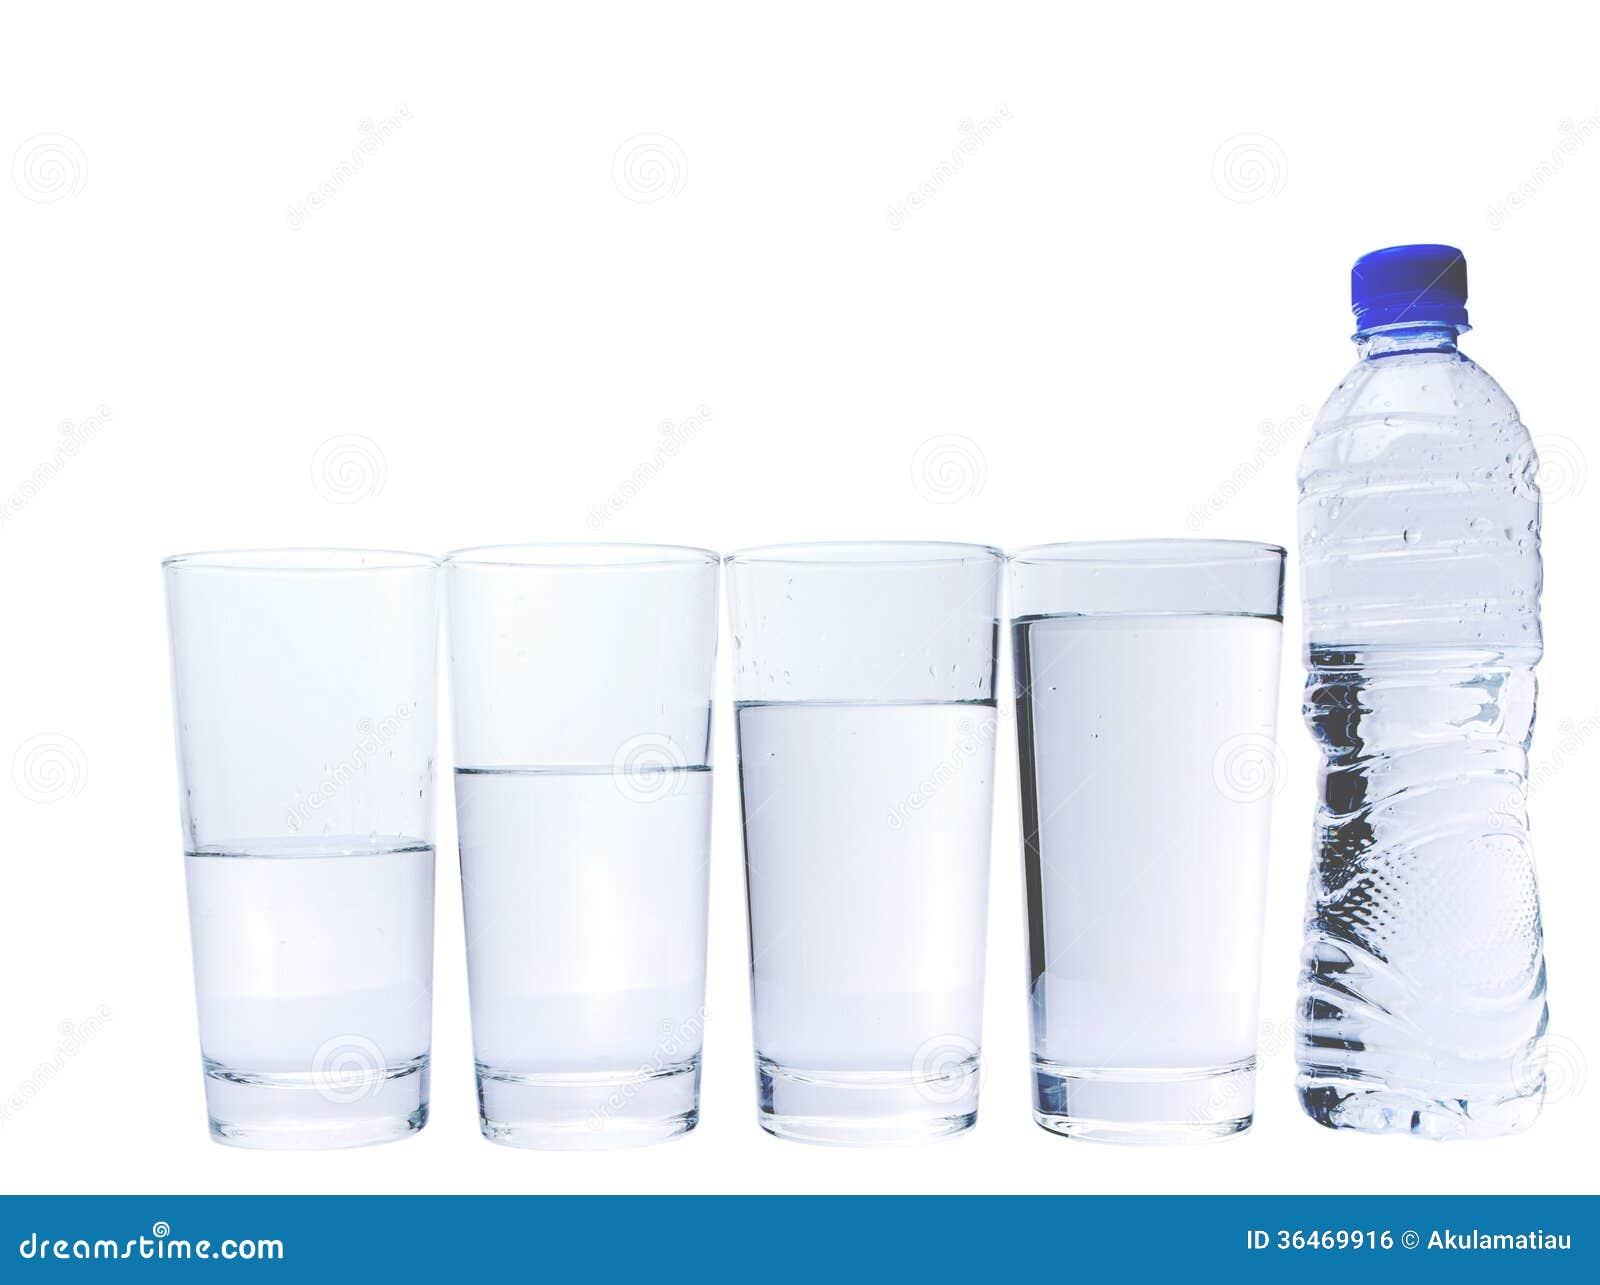 Vetro Con La Bottiglia Di Acqua Minerale II Immagine Stock Libera da Diritti - Immagine: 36469916